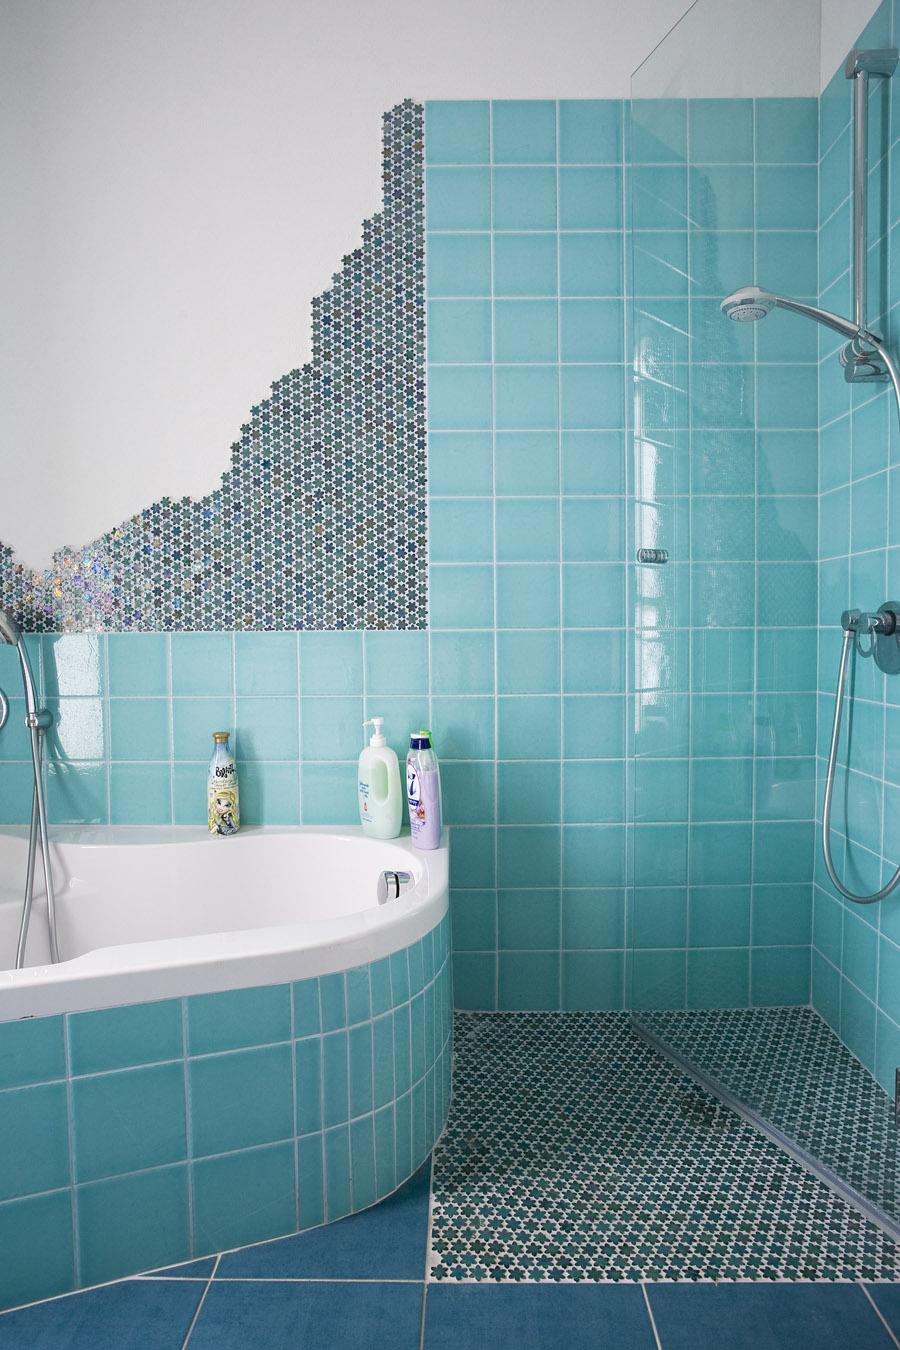 חיפוי קיר אמבטיה באריחים  בטורקיז